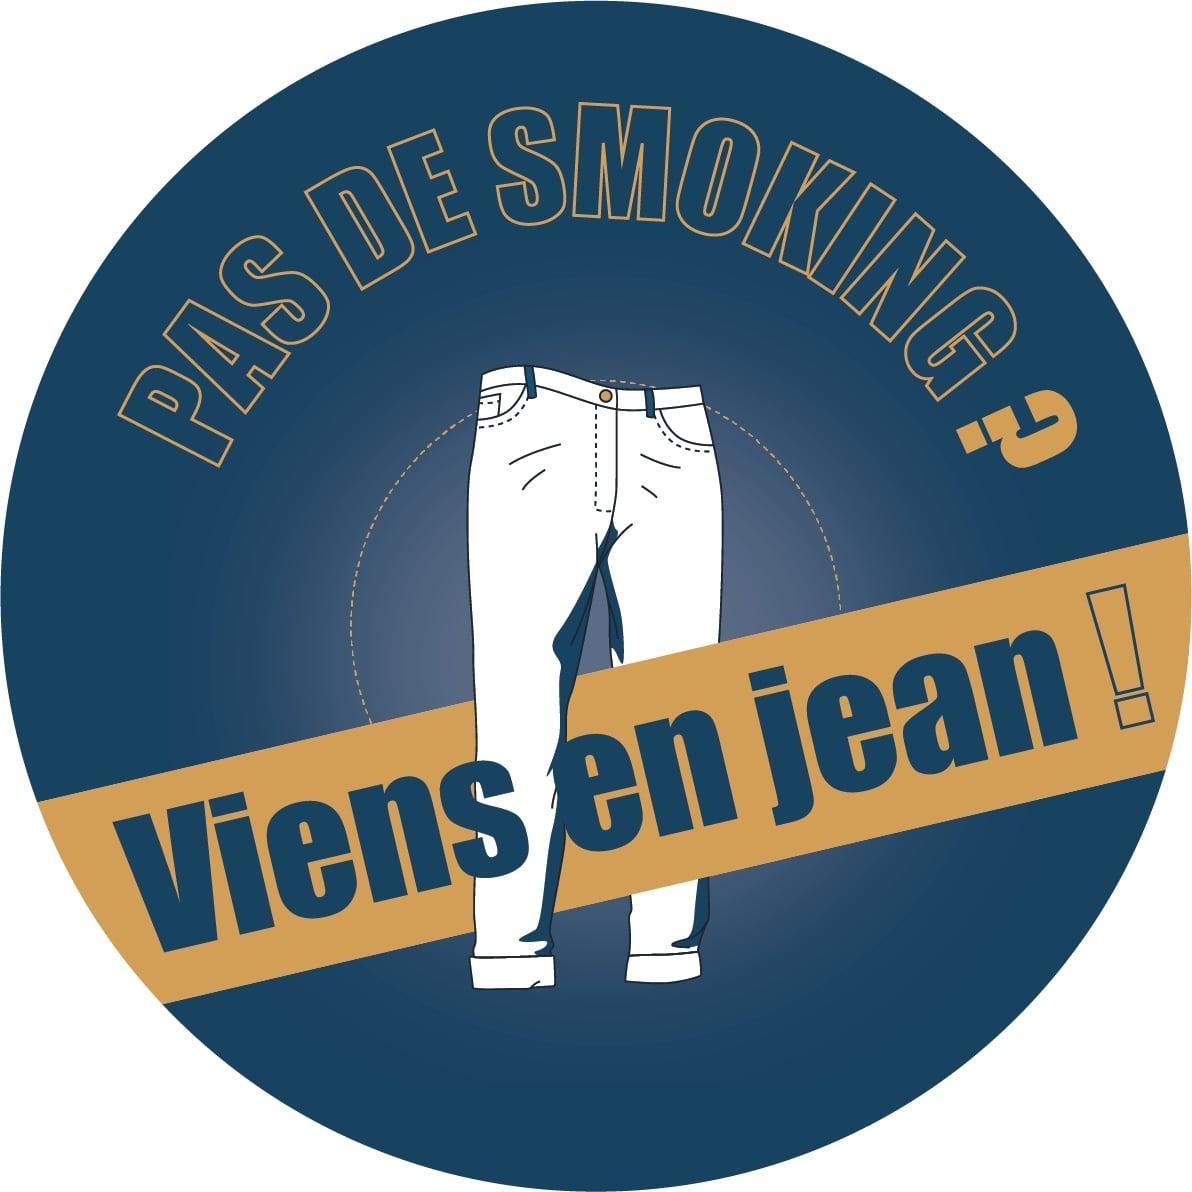 Pas de smoking